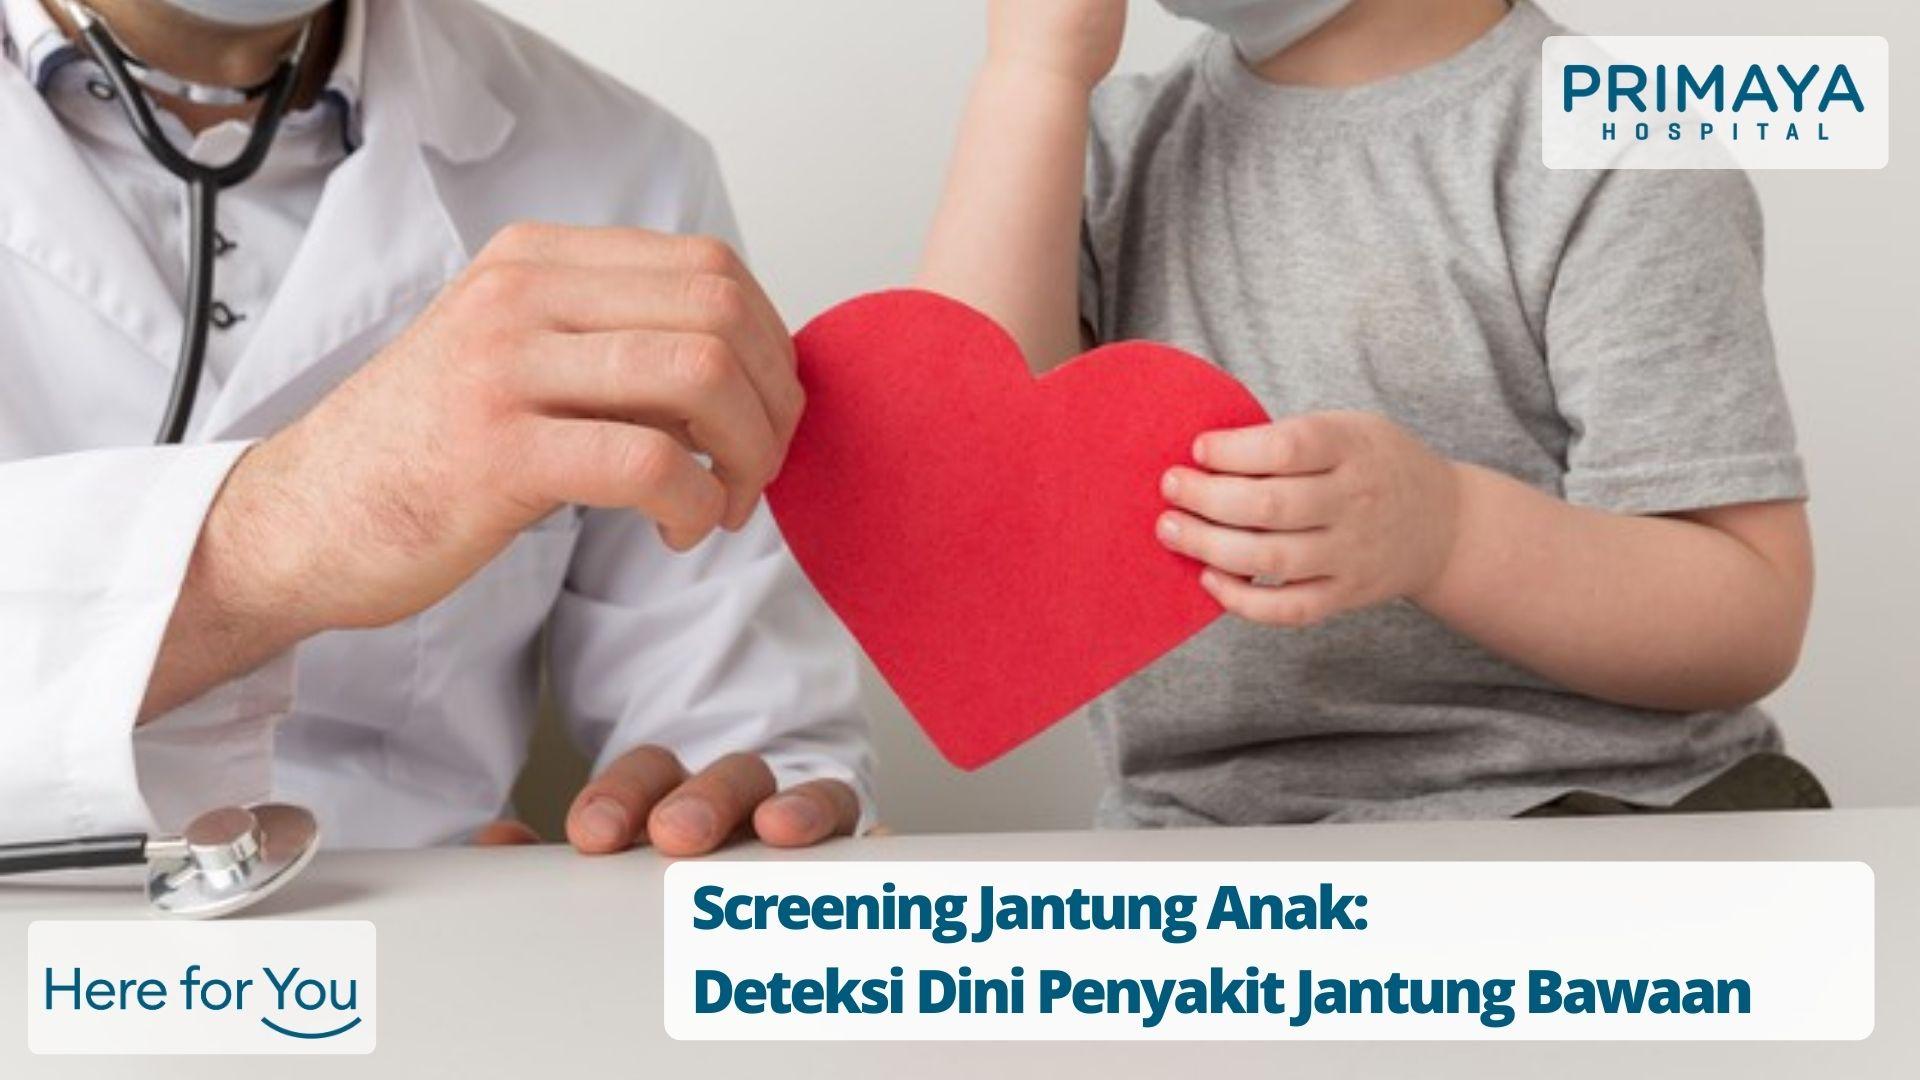 Screening Jantung Anak: Deteksi Dini Penyakit Jantung Bawaan